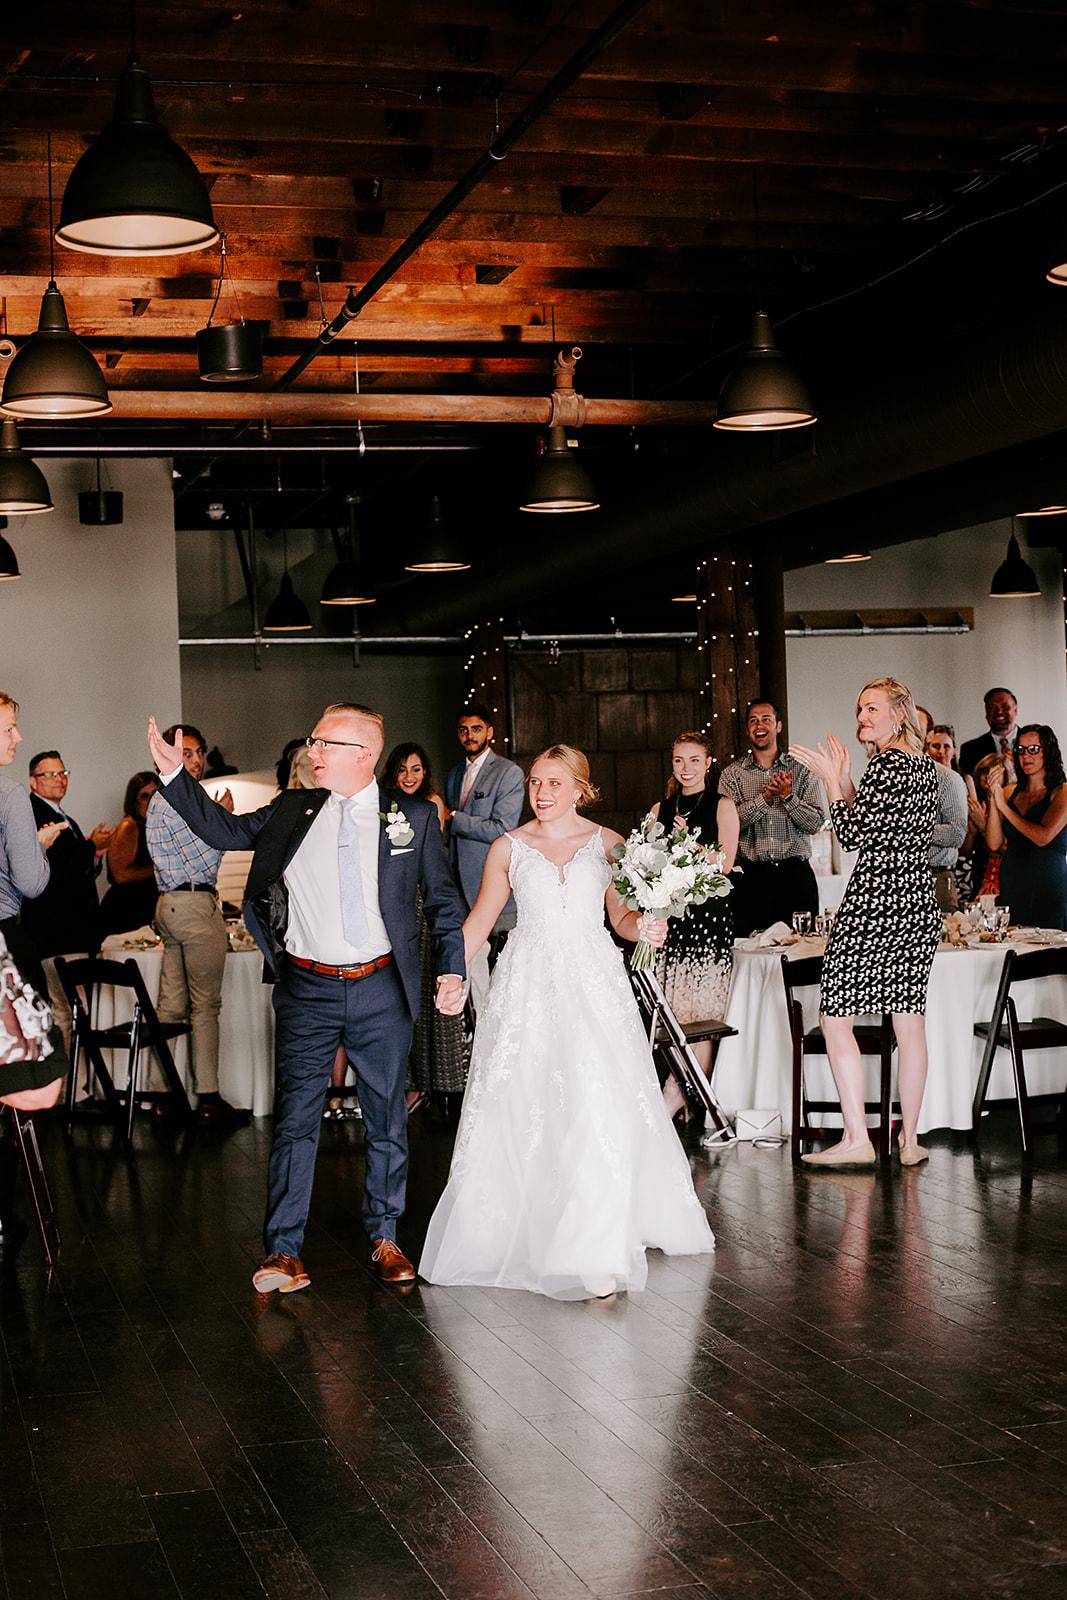 Rachel and Elliot Tinker House Wedding Indianapolis Indiana Emily Elyse Wehner Photography LLC688.jpg